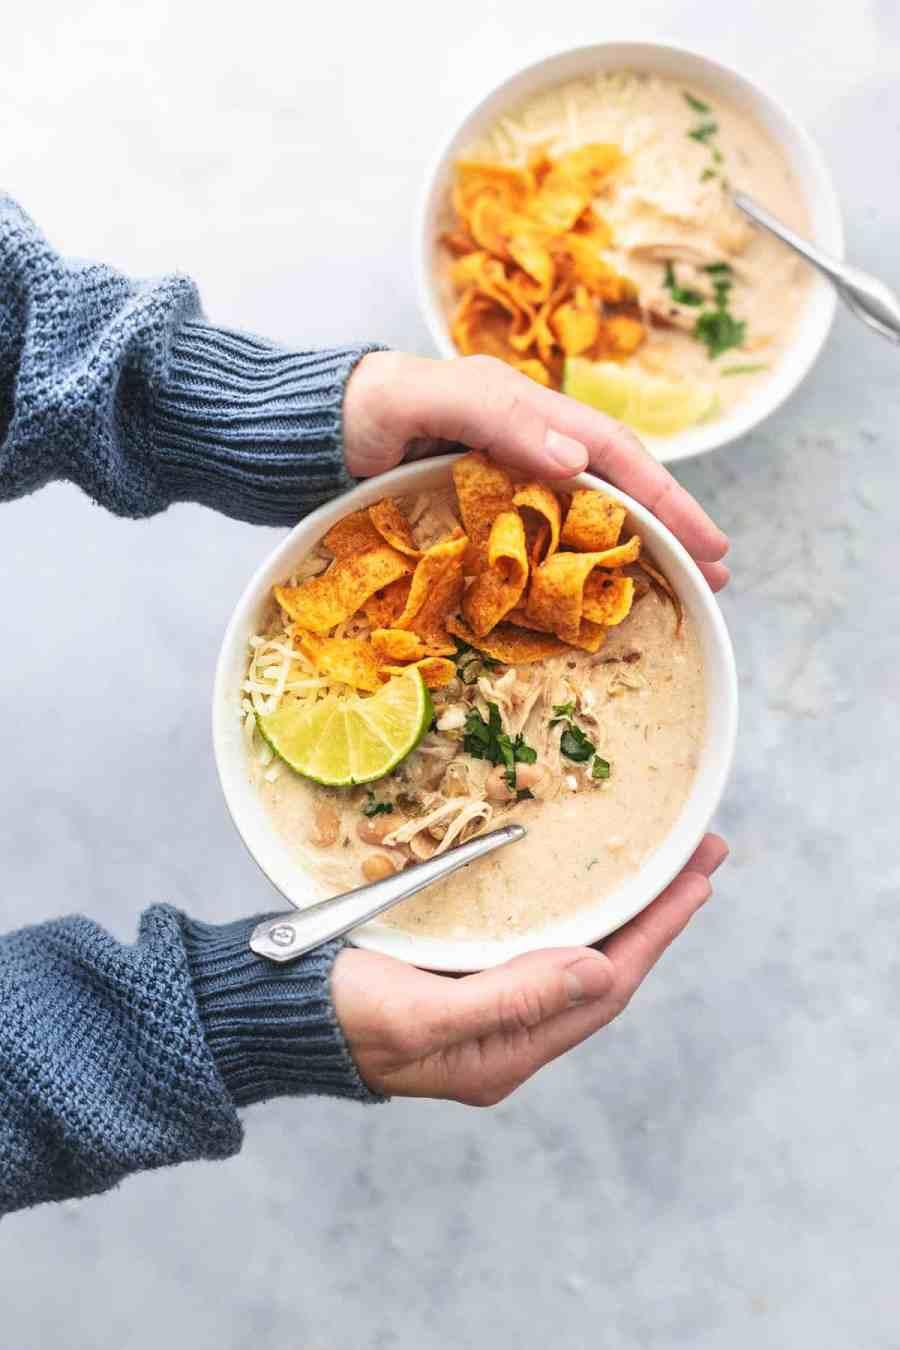 Easy Instant Pot White Chicken Chili recipe healthy dinner recipe | lecremedelacrumb.com